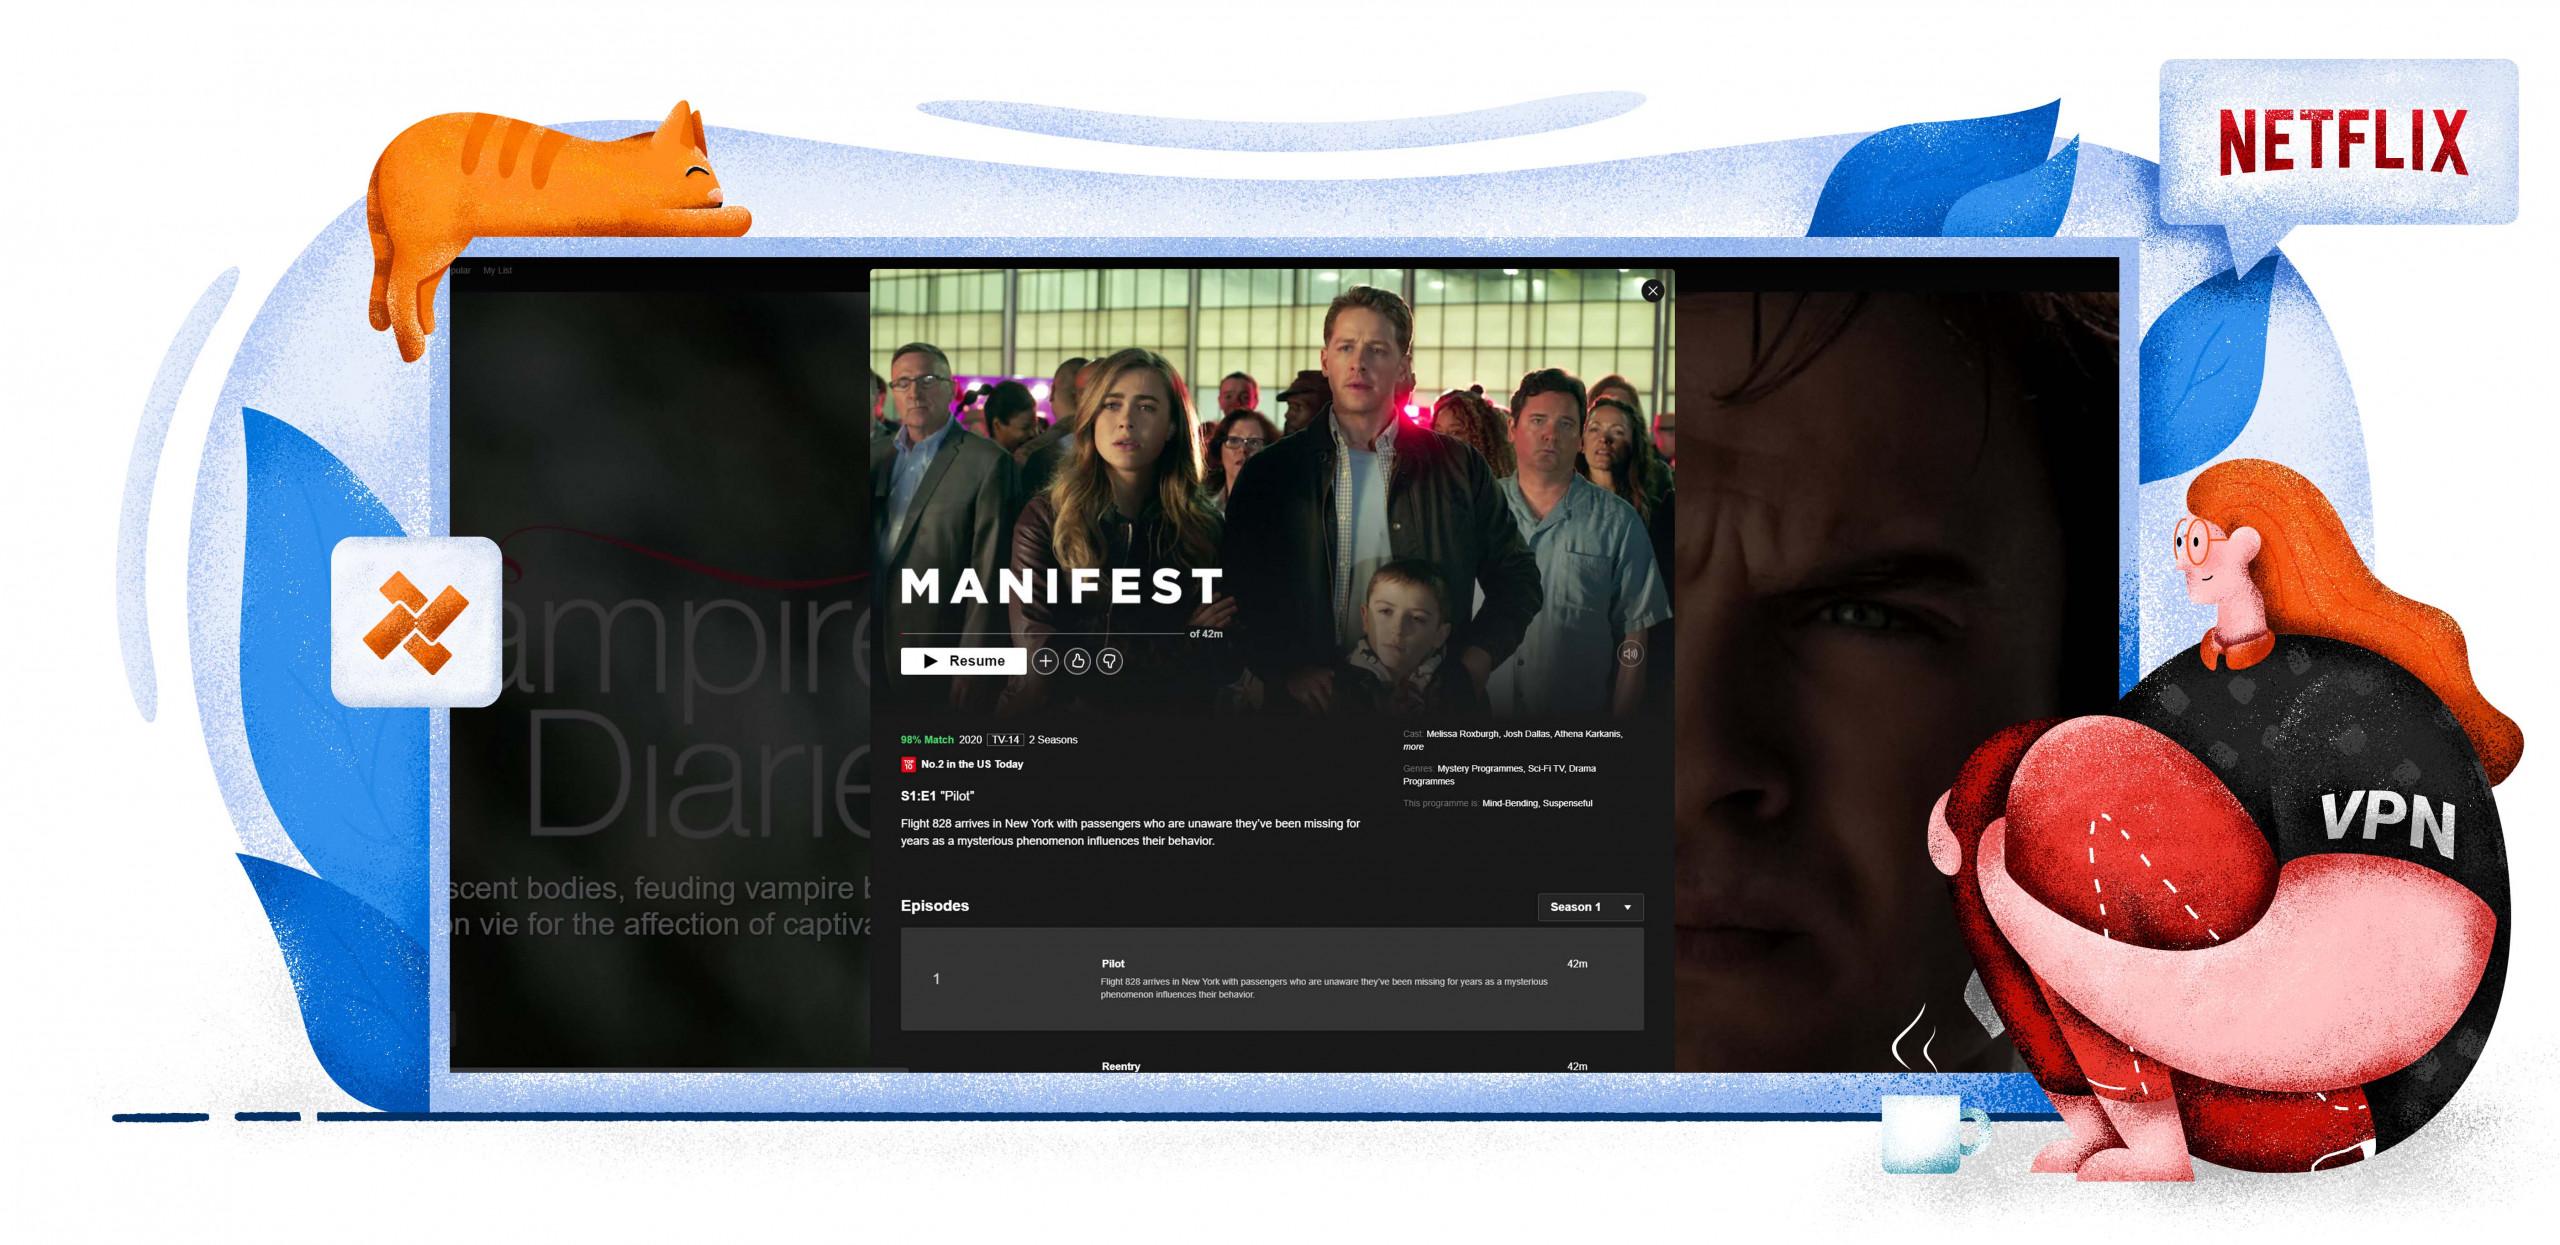 Manifest is op Netflix met VPN Nederland bereikbaar